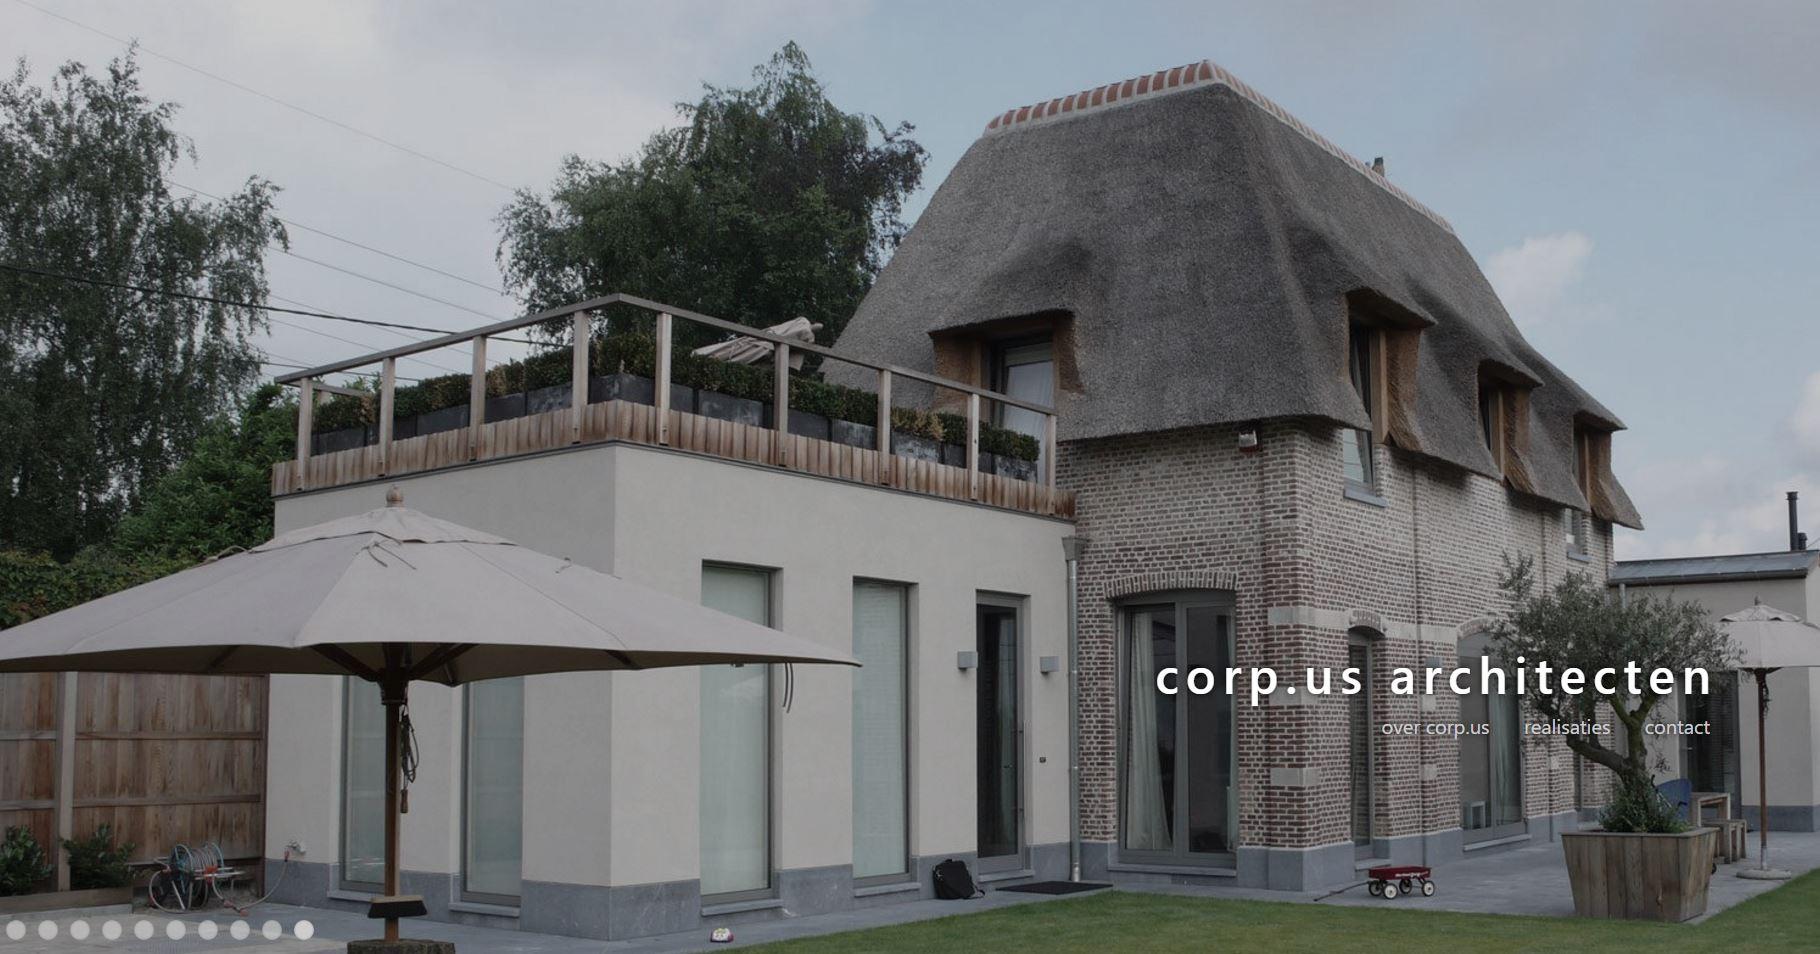 Corp.us Architecten 0